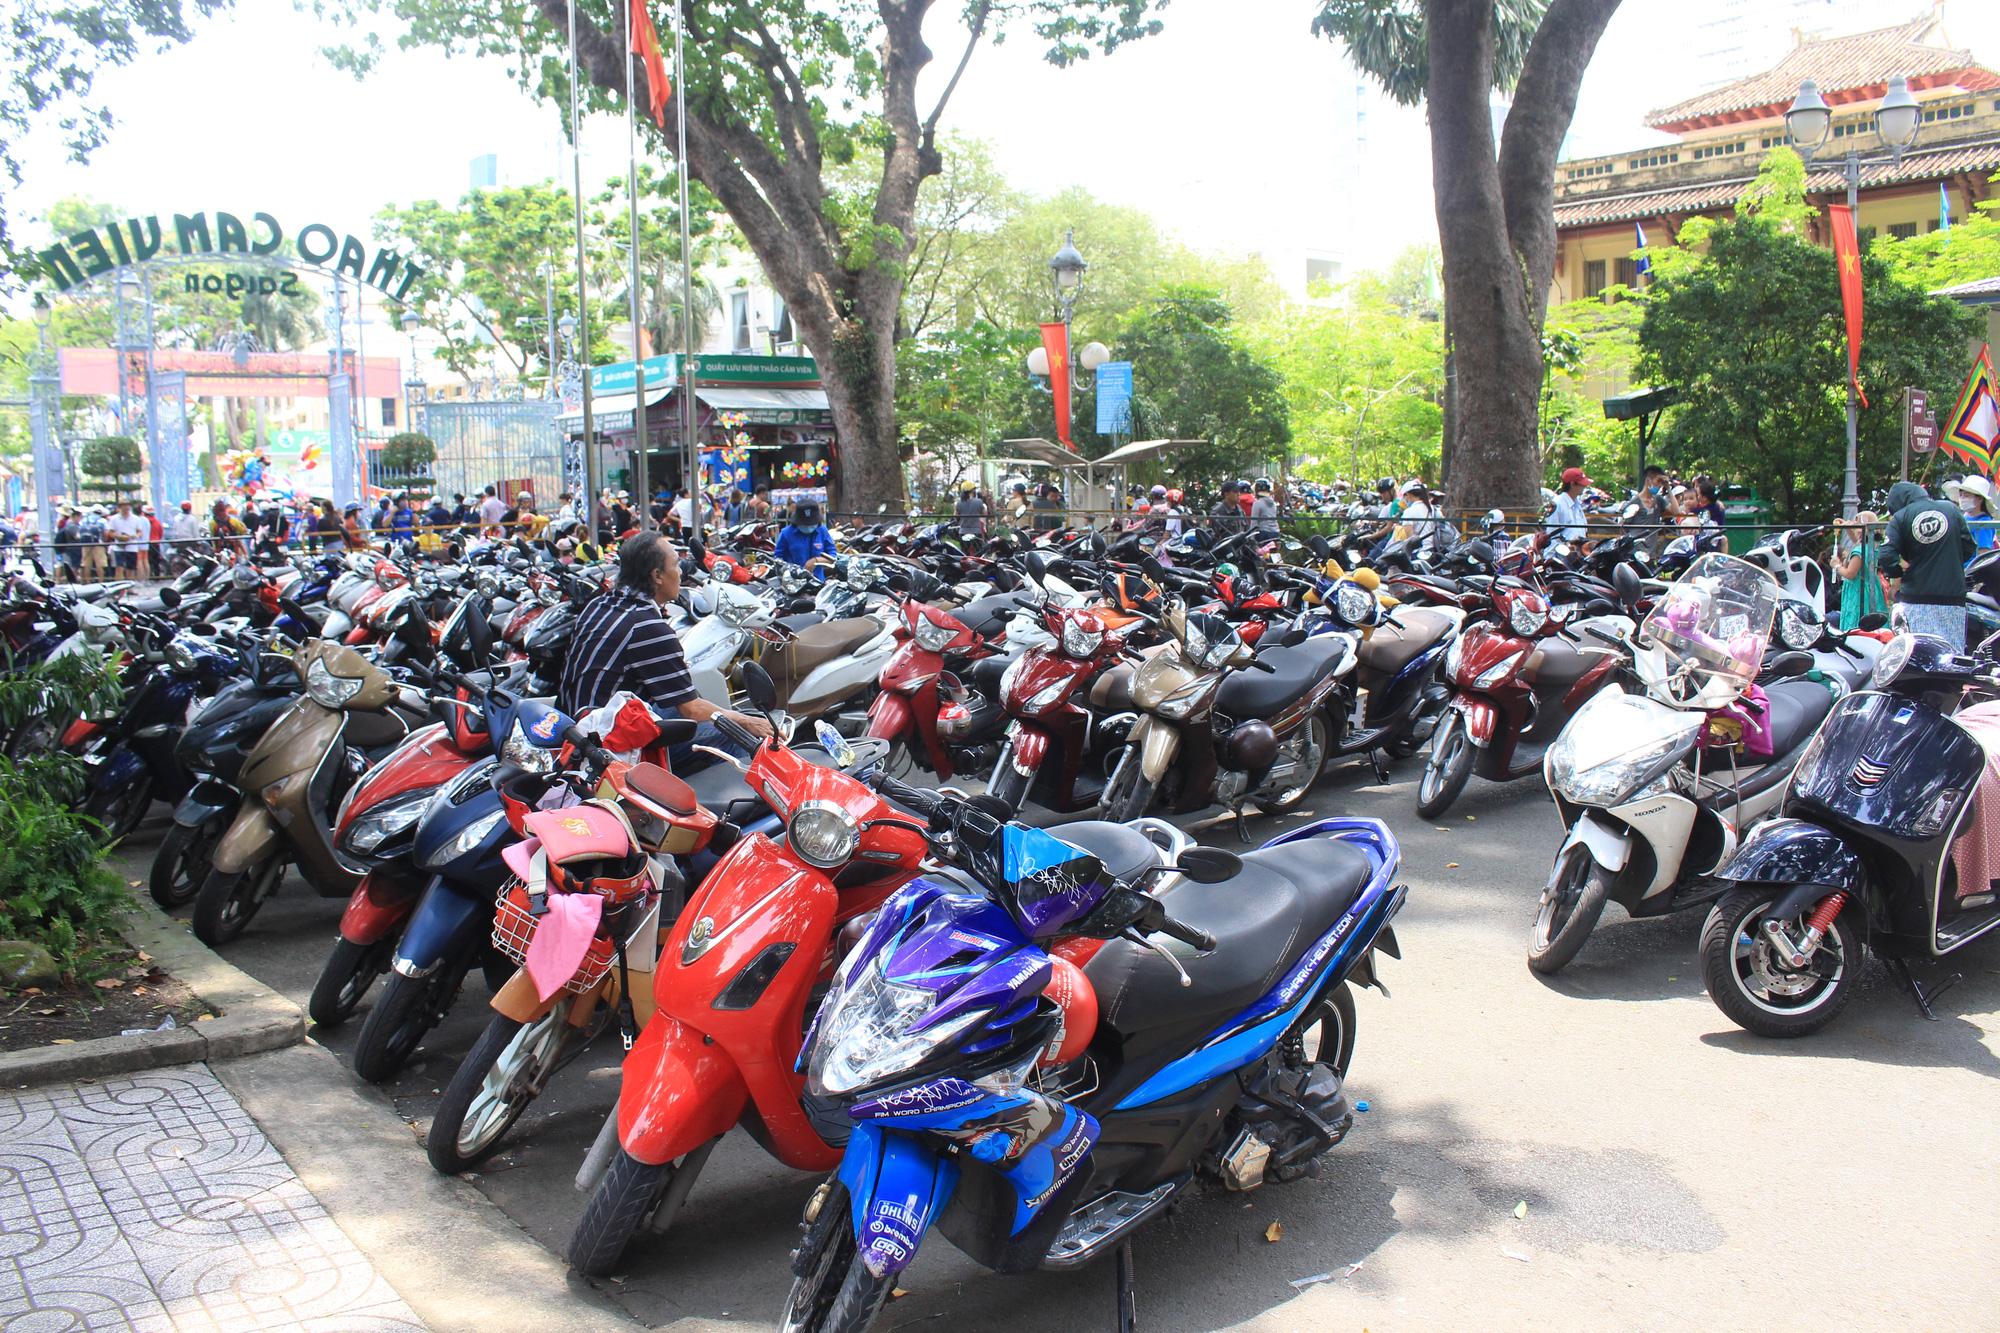 TP.HCM: Thảo Cầm Viên Sài Gòn, Đường sách đông nghẹt ngày Giỗ tổ Hùng Vương - Ảnh 5.